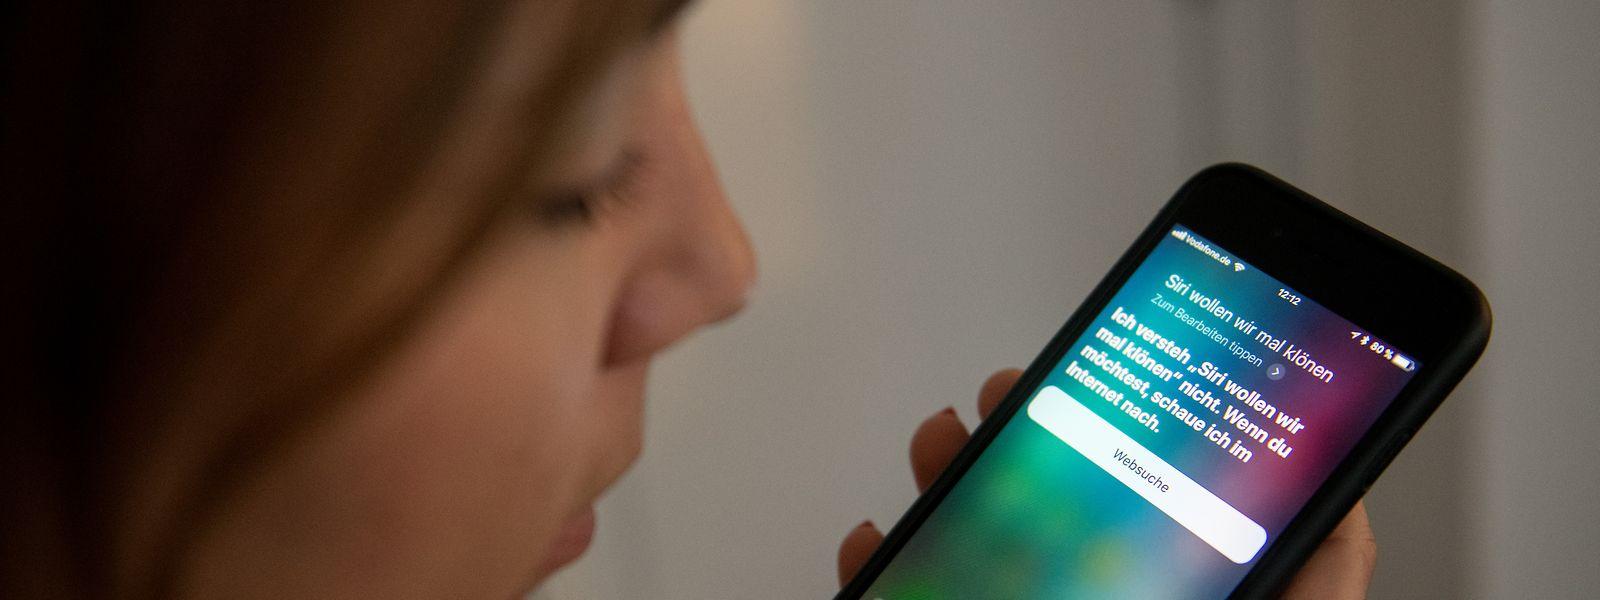 Eine junge Frau bedient auf einem iPhone die Spracherkennung des Apple-Programms Siri.